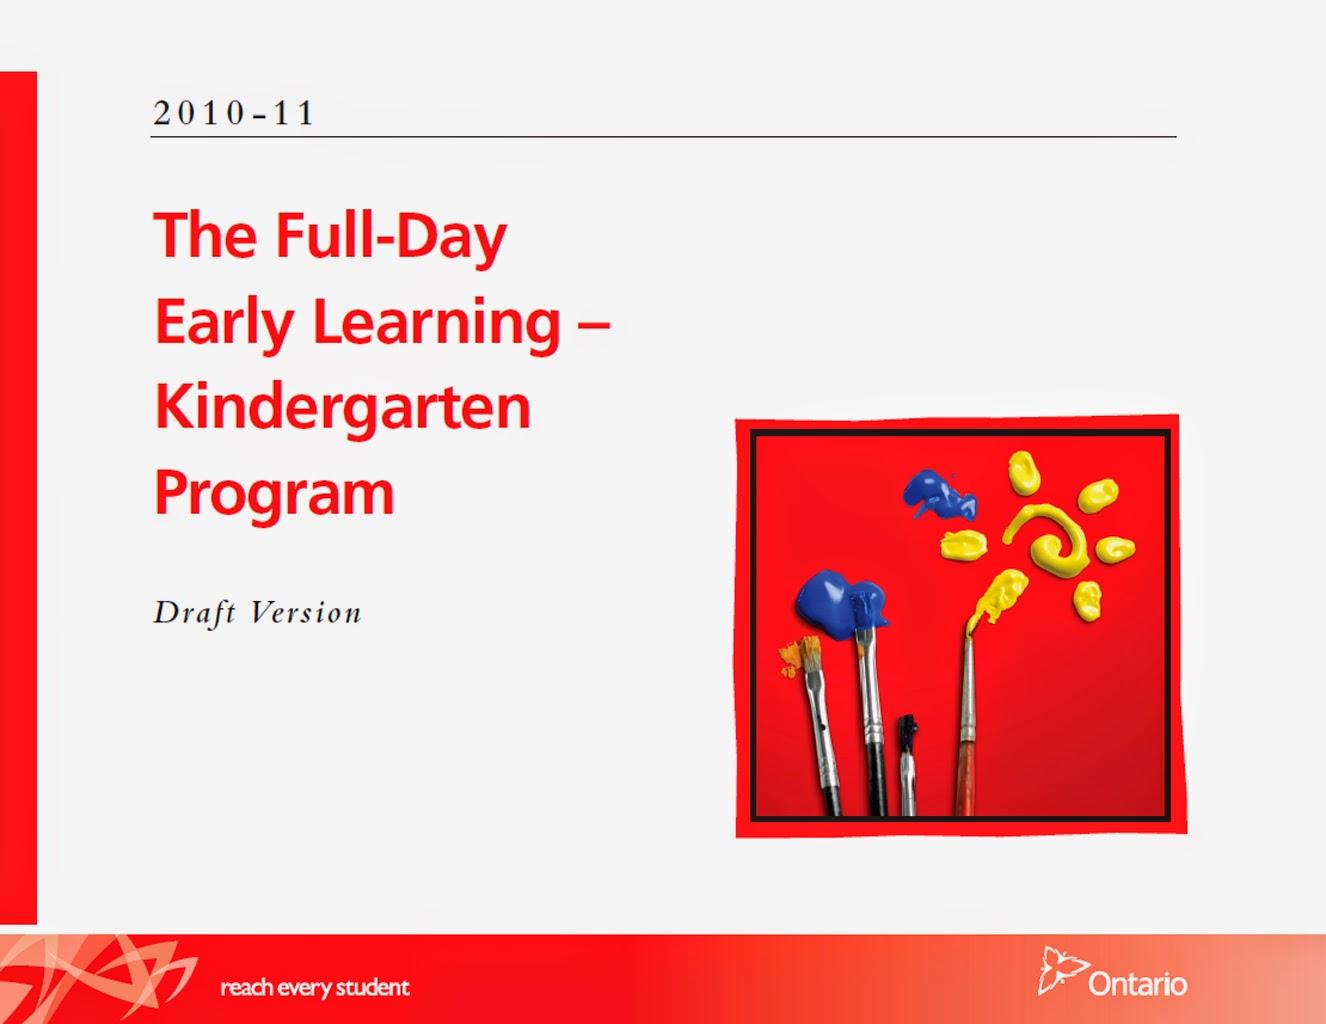 Full Day%2BEarly%2BLearning Kindergarten%2BProgram 1024 - Full Day Kindergarten